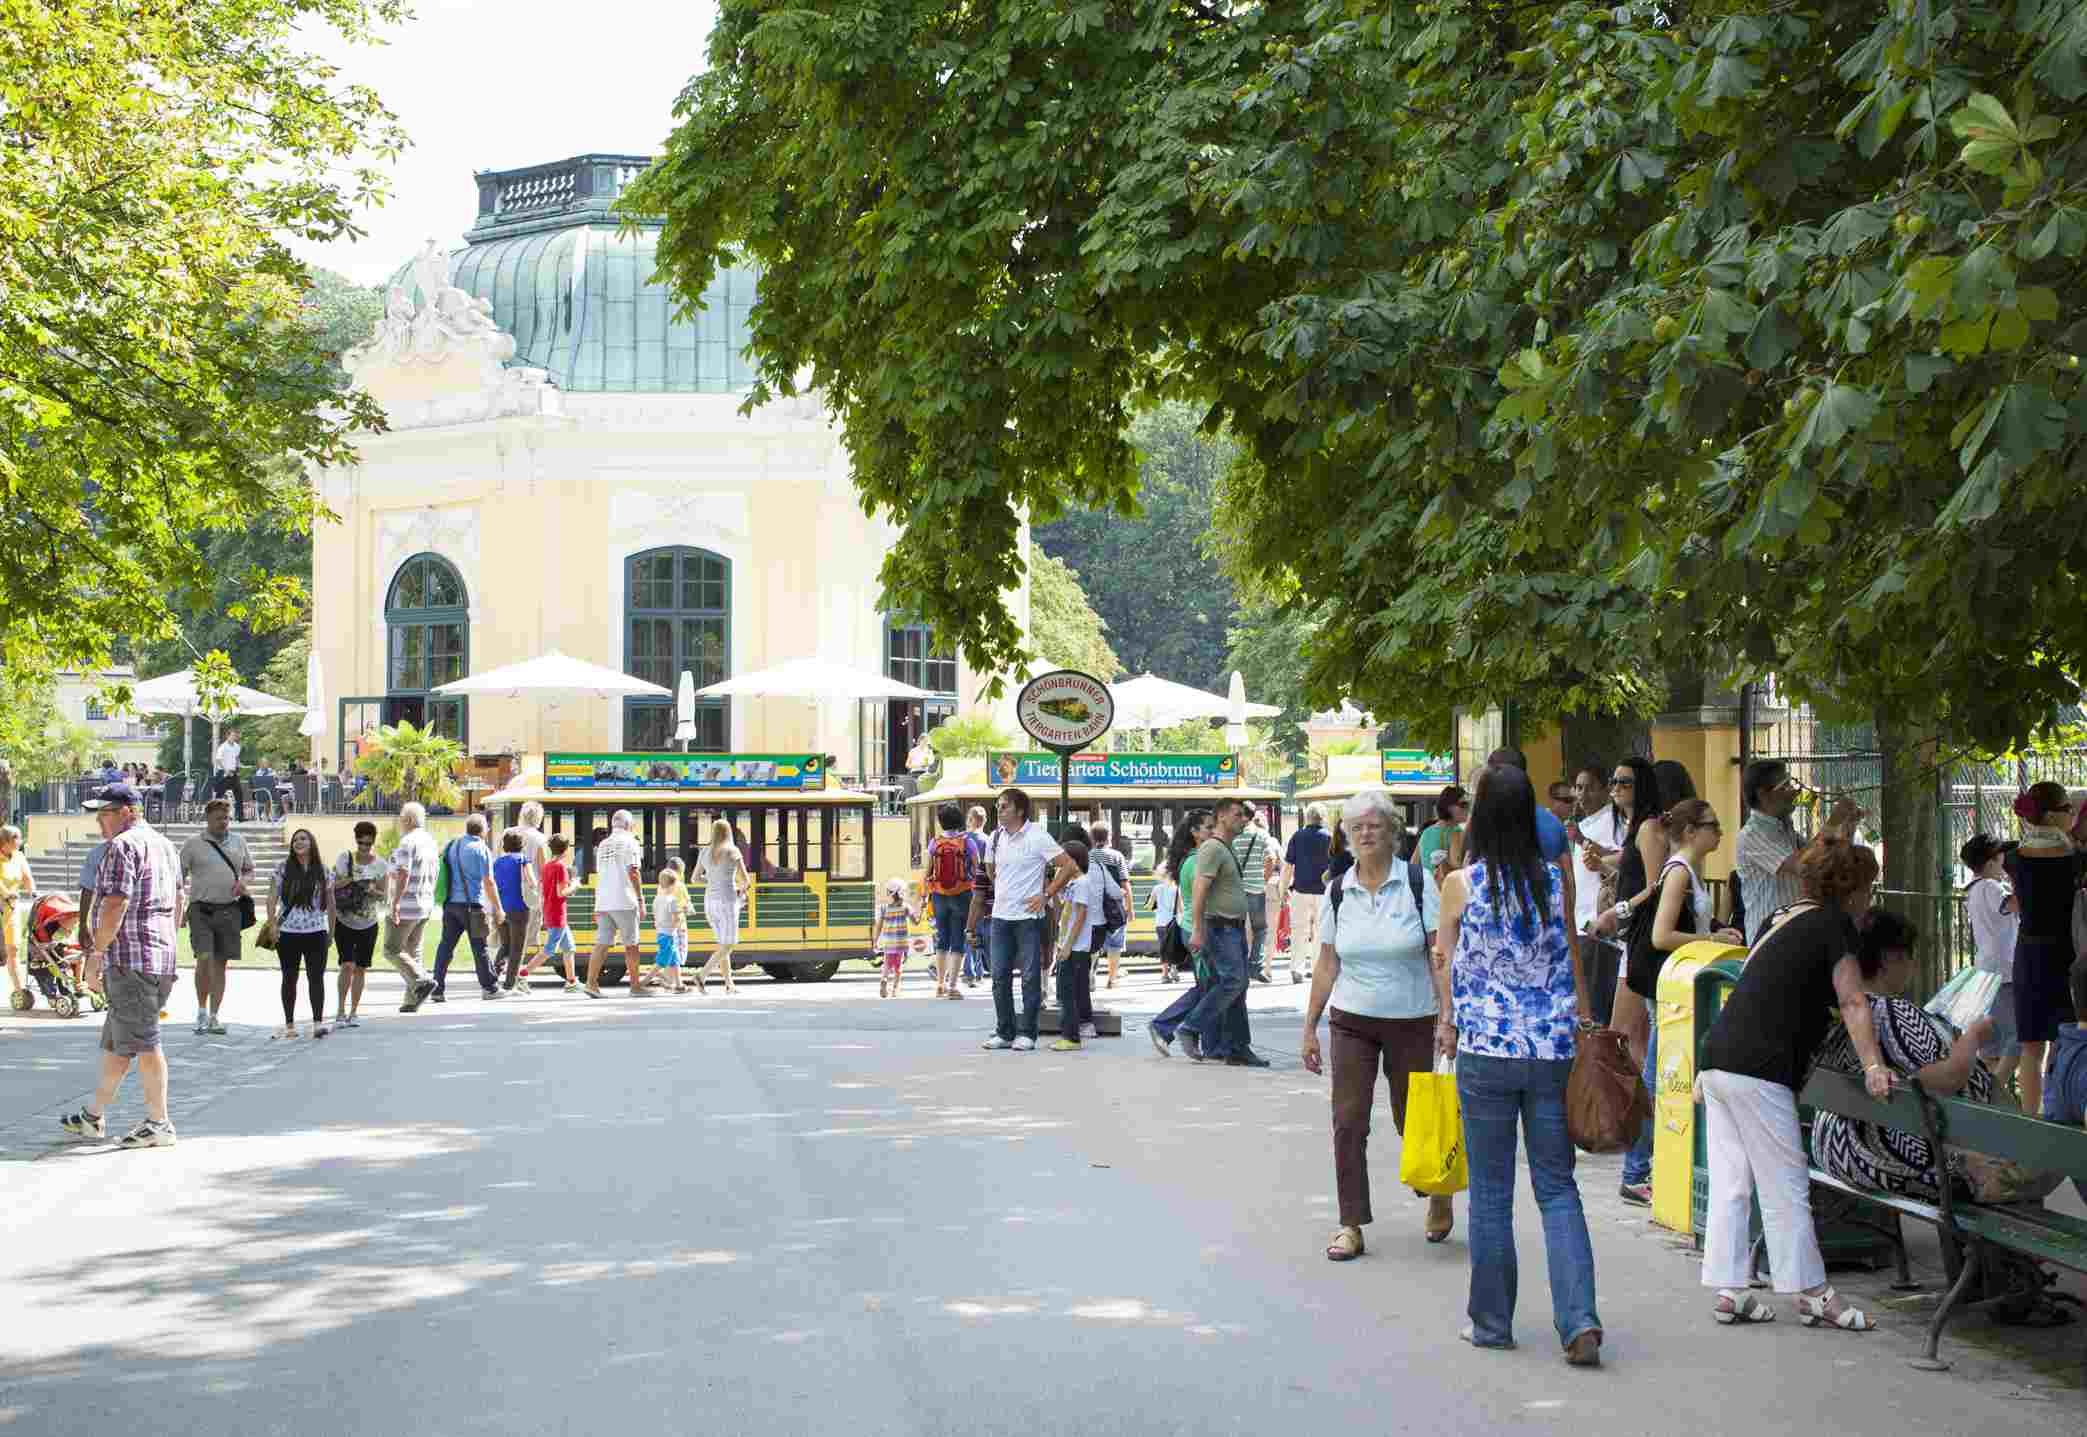 Zoológico Tiergarten Schonbrunn de Viena